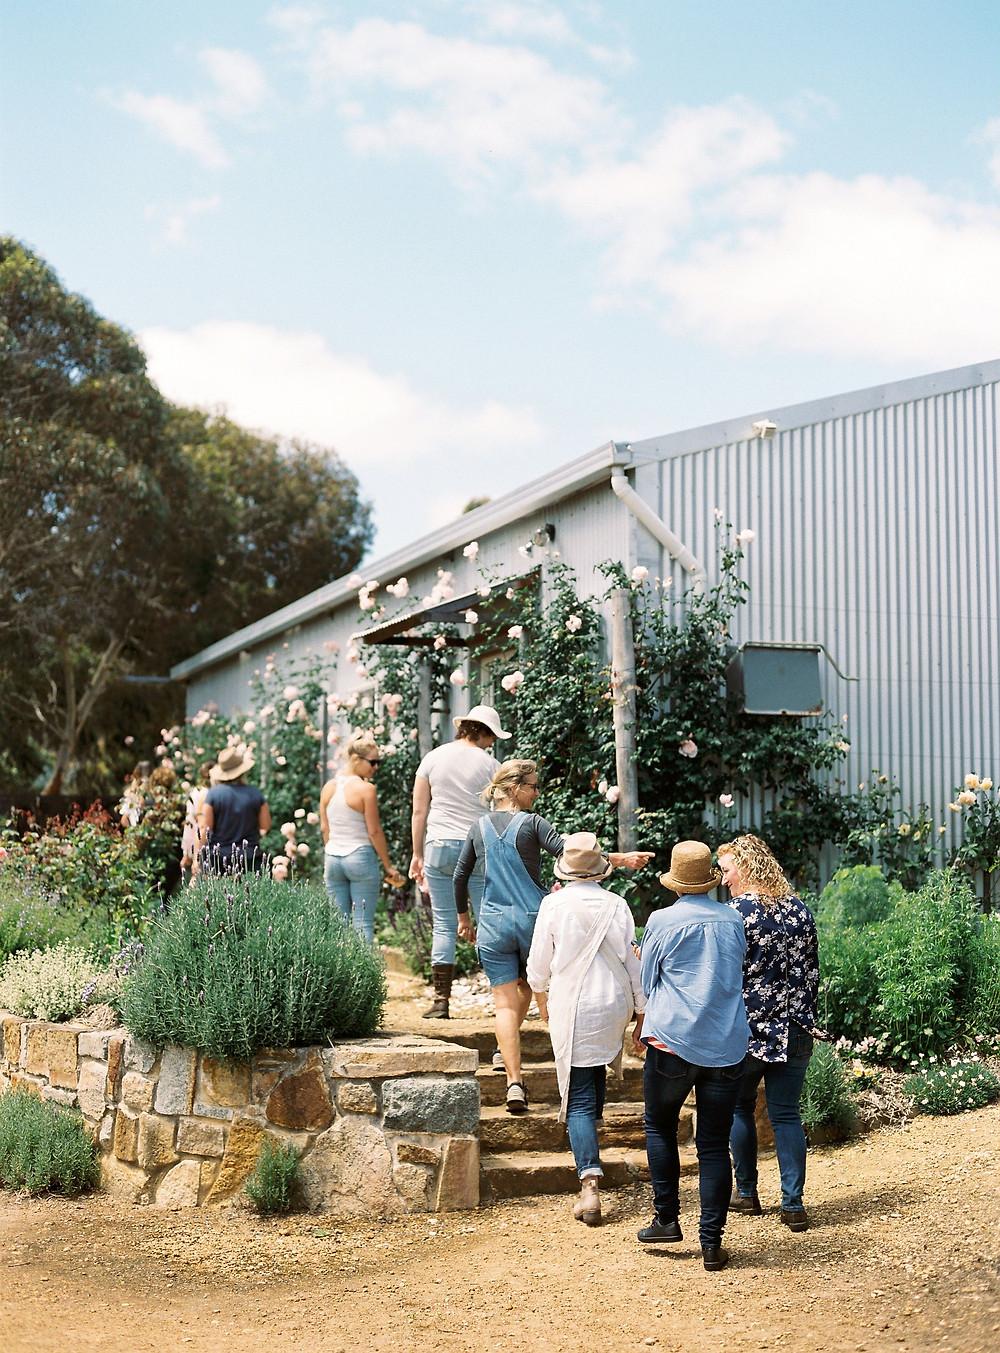 Workshop participants having a garden tour at Riverdale Farm.